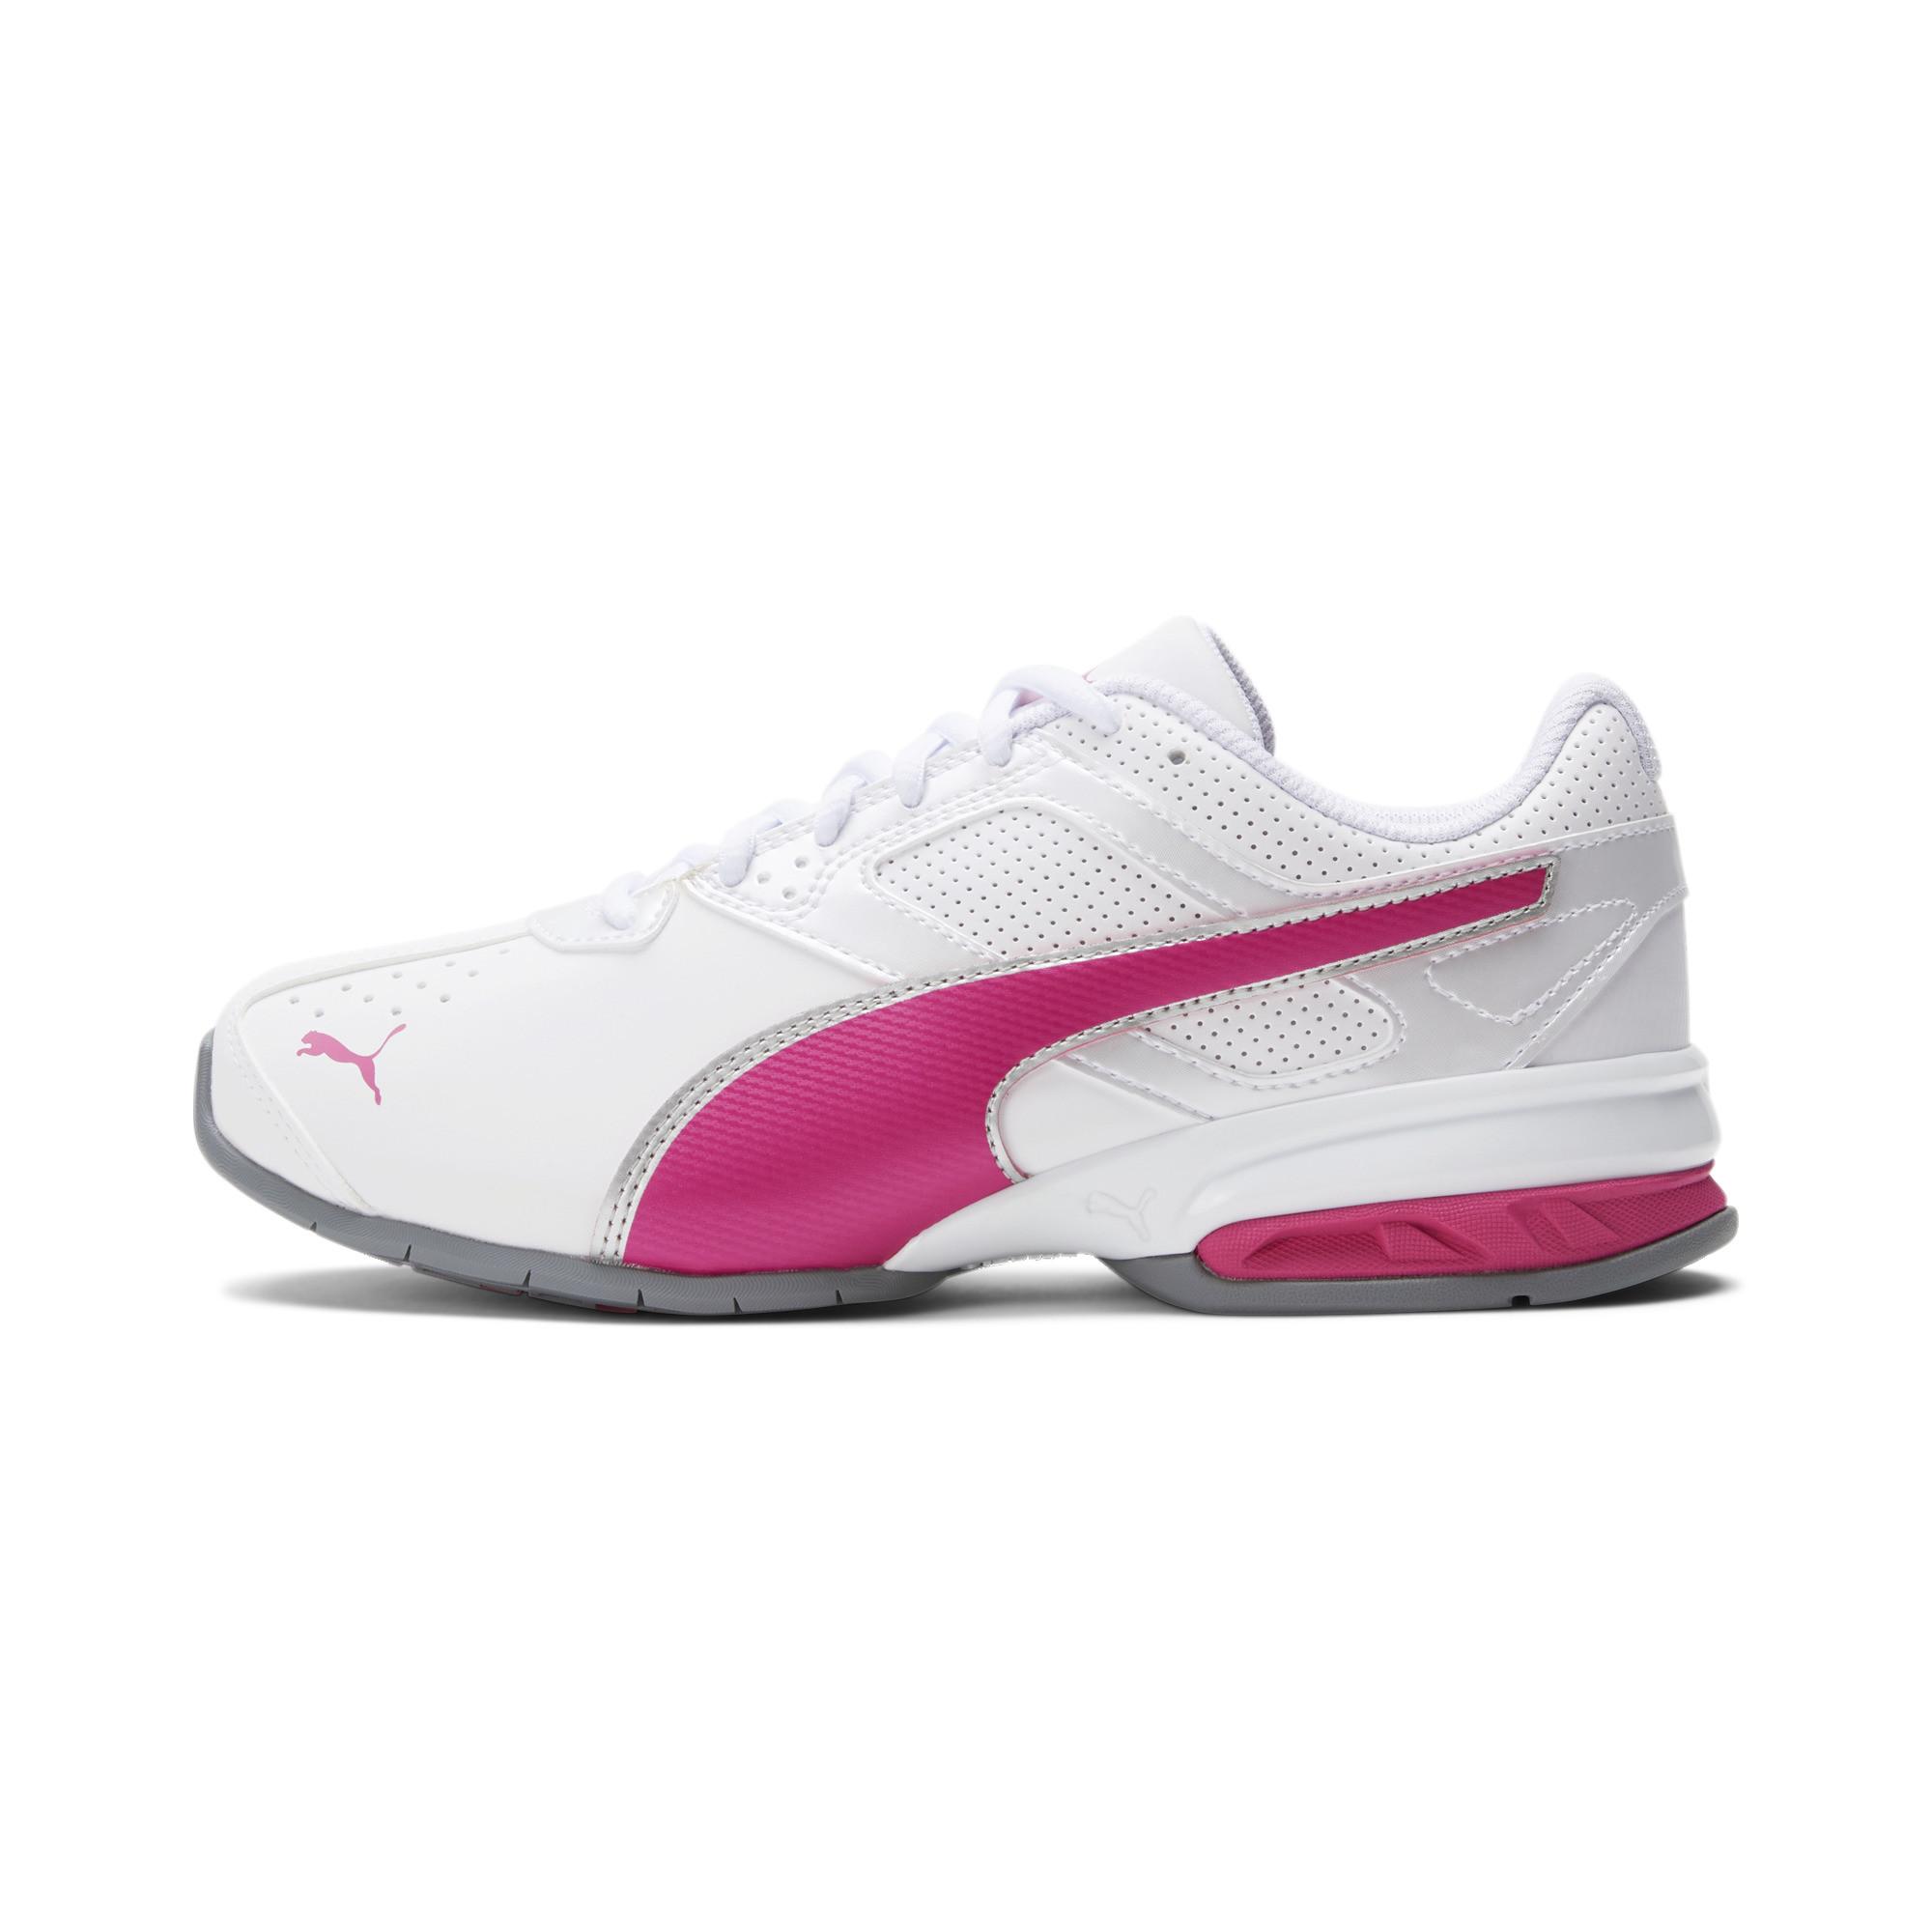 PUMA-Tazon-6-FM-Women-039-s-Sneakers-Women-Shoe-Running thumbnail 17